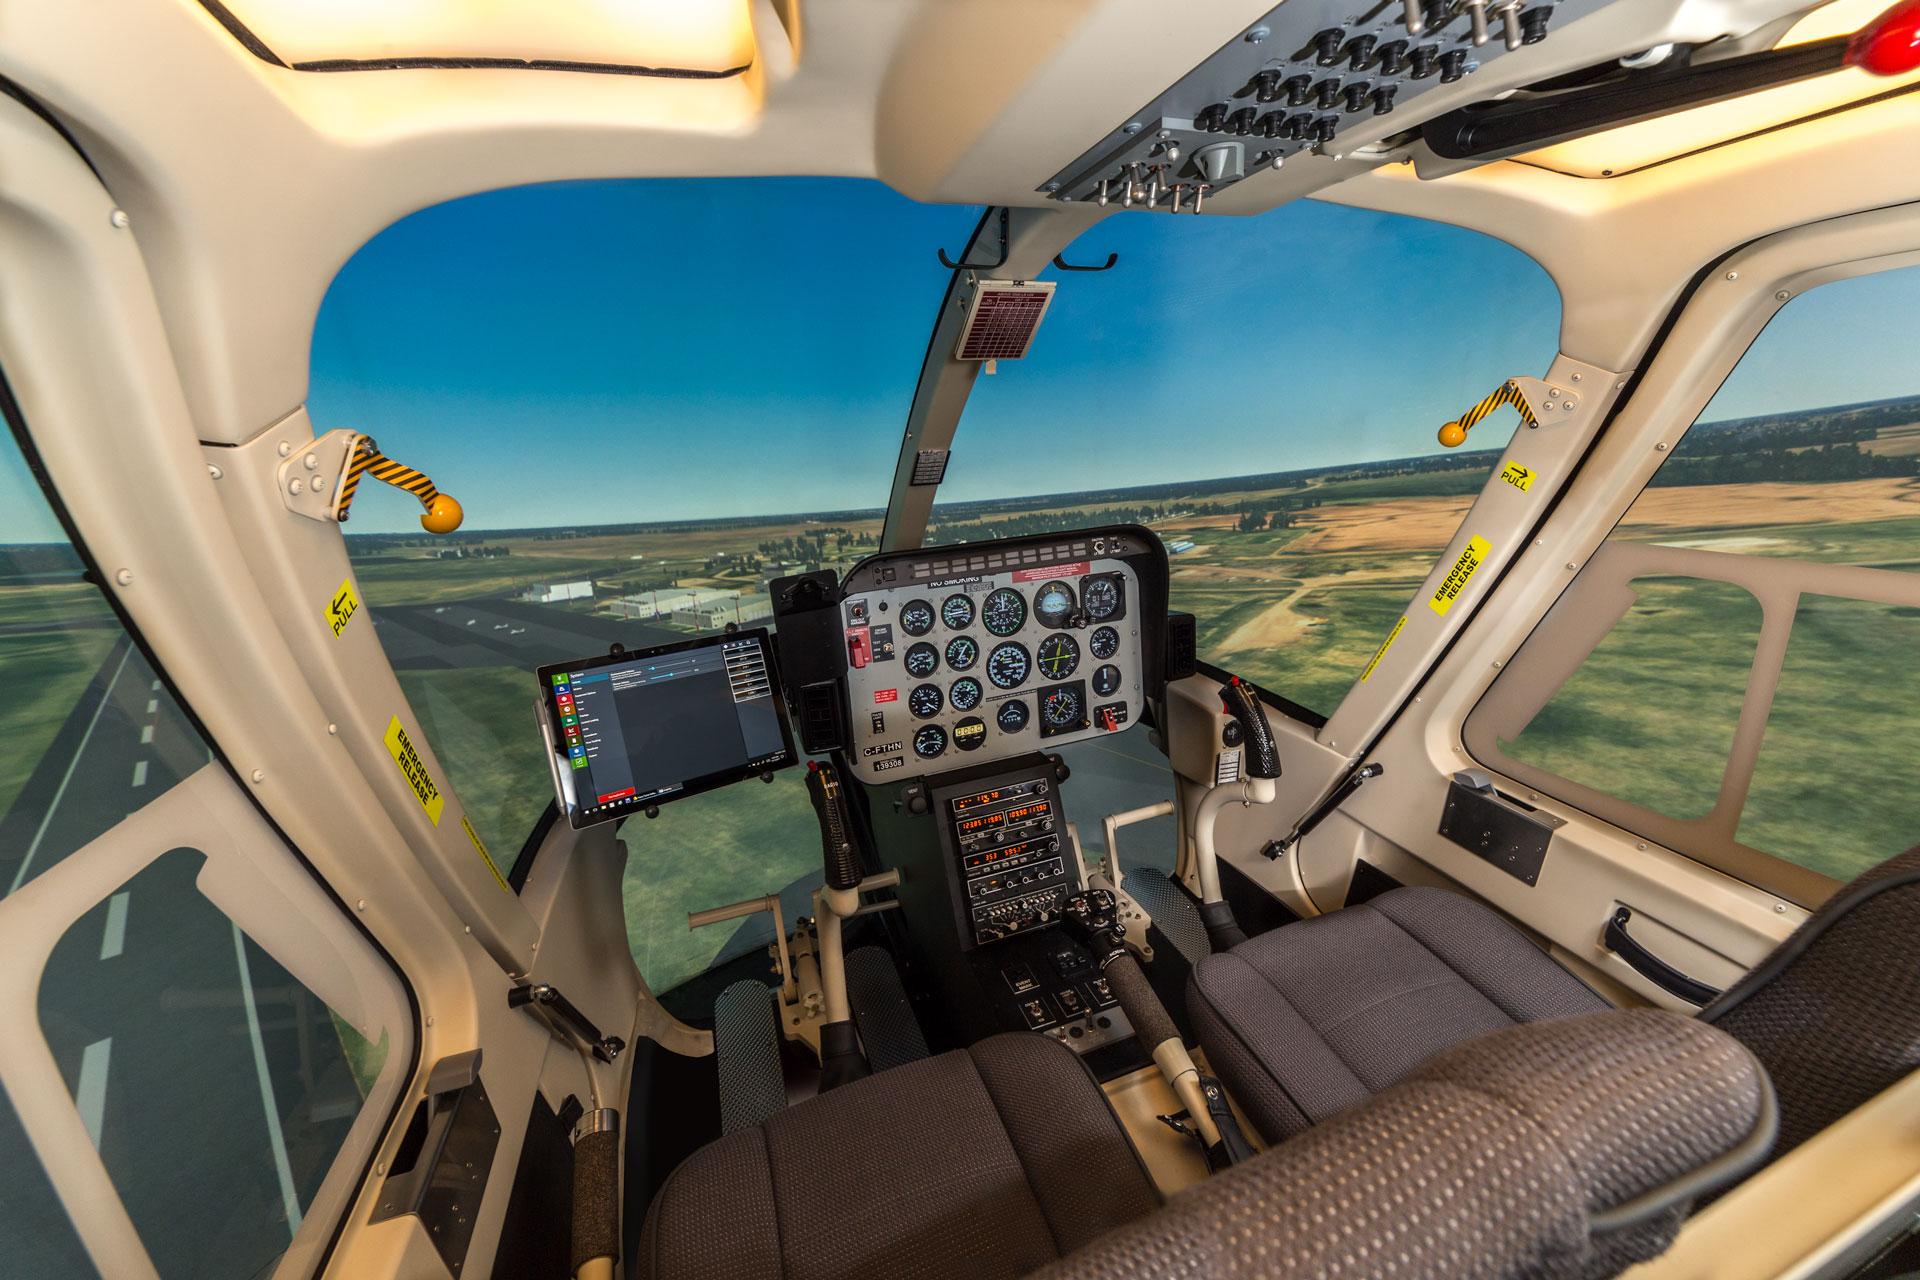 Frasca Bell 206 Flight Simulator Cueing